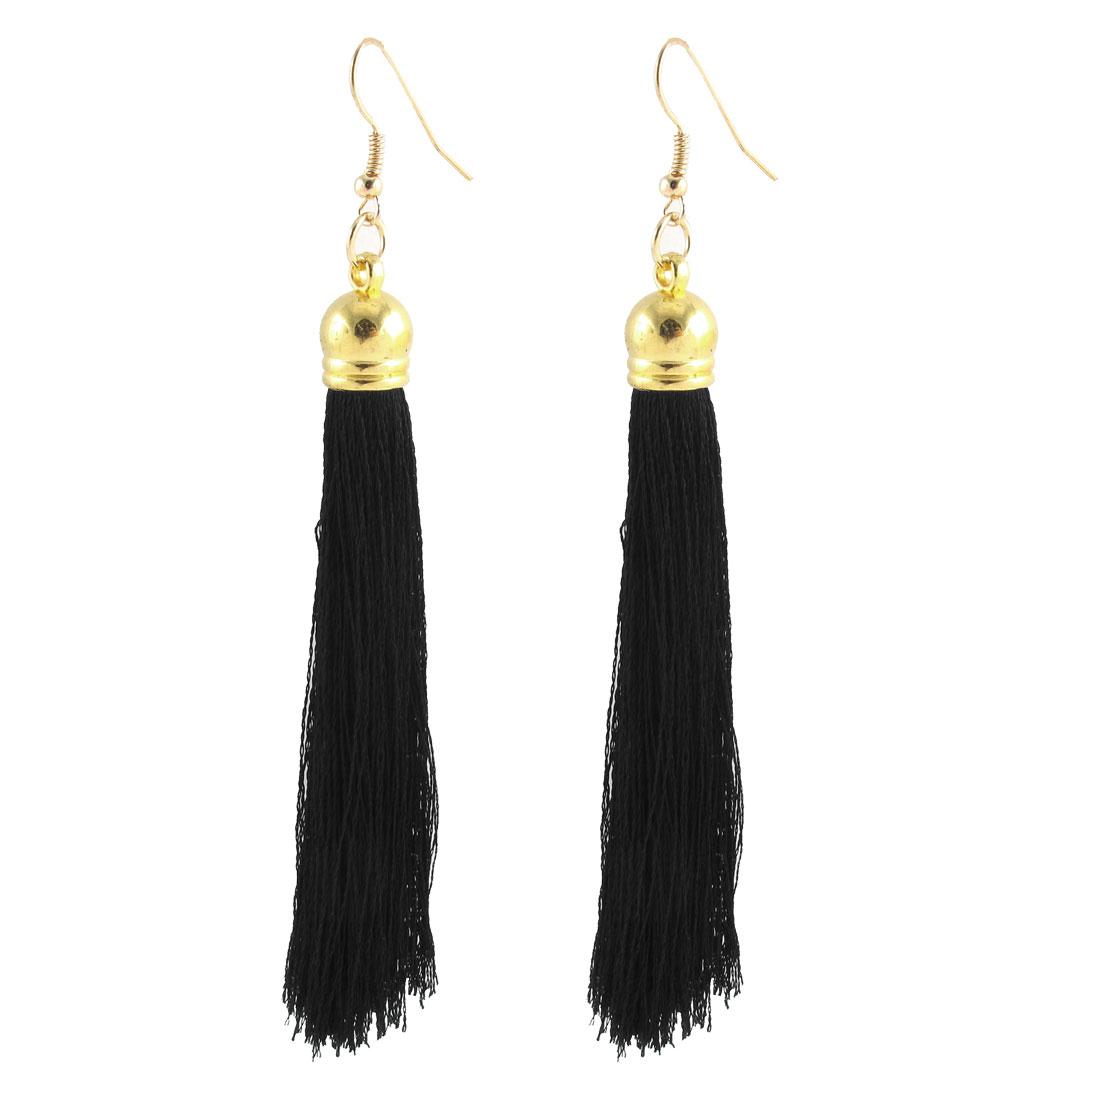 Boho Style Tassel Drop Hanging Hook Earrings Fishhook Dangle Ear Jewelry Pair Black